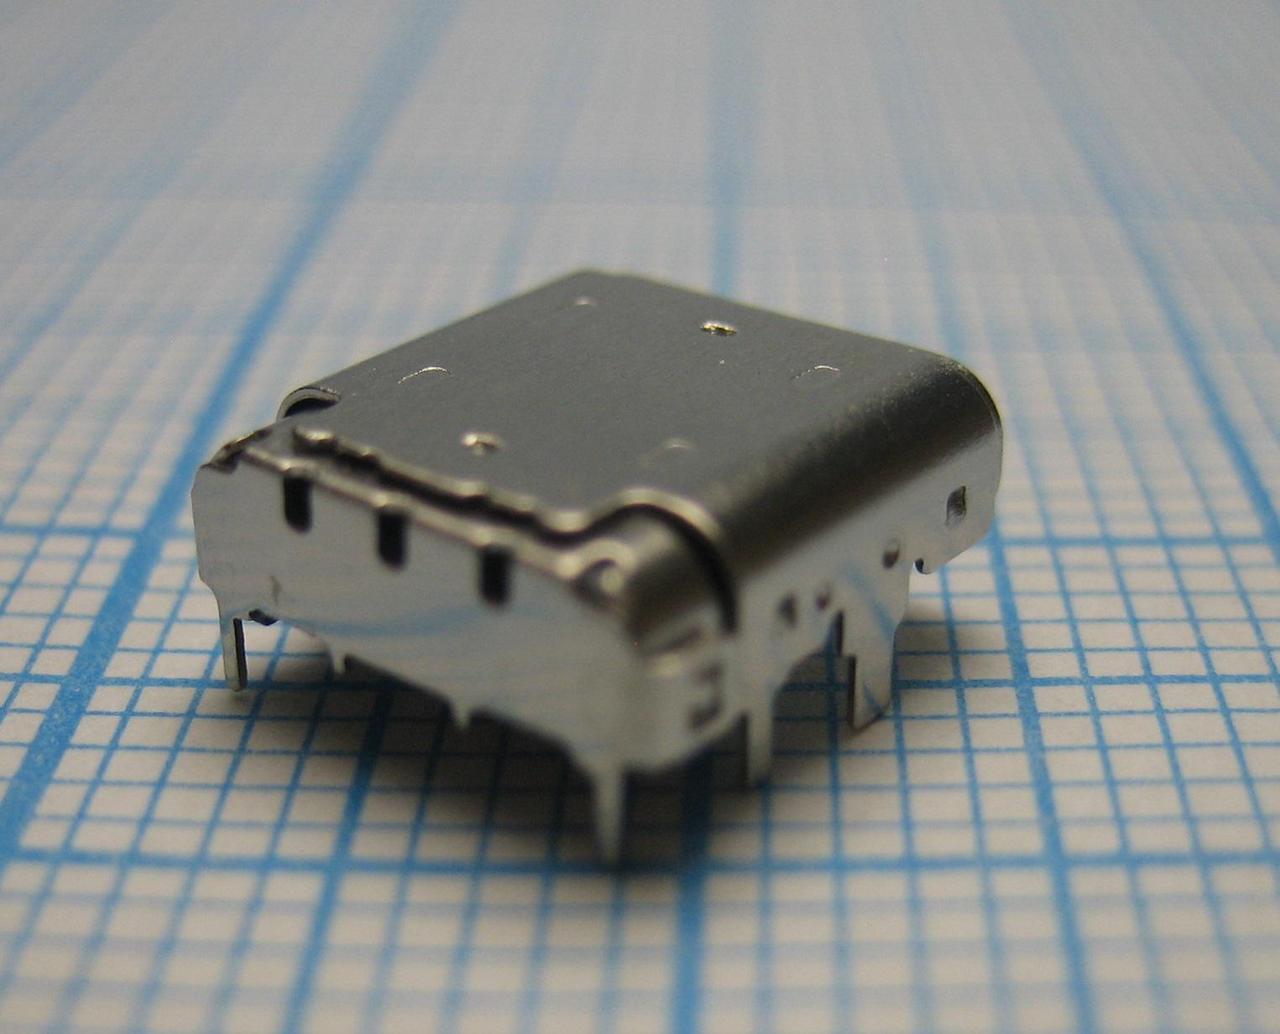 Конектор зарядки (Ch/conn) Type-C Універсальний / Вид 1 12pin